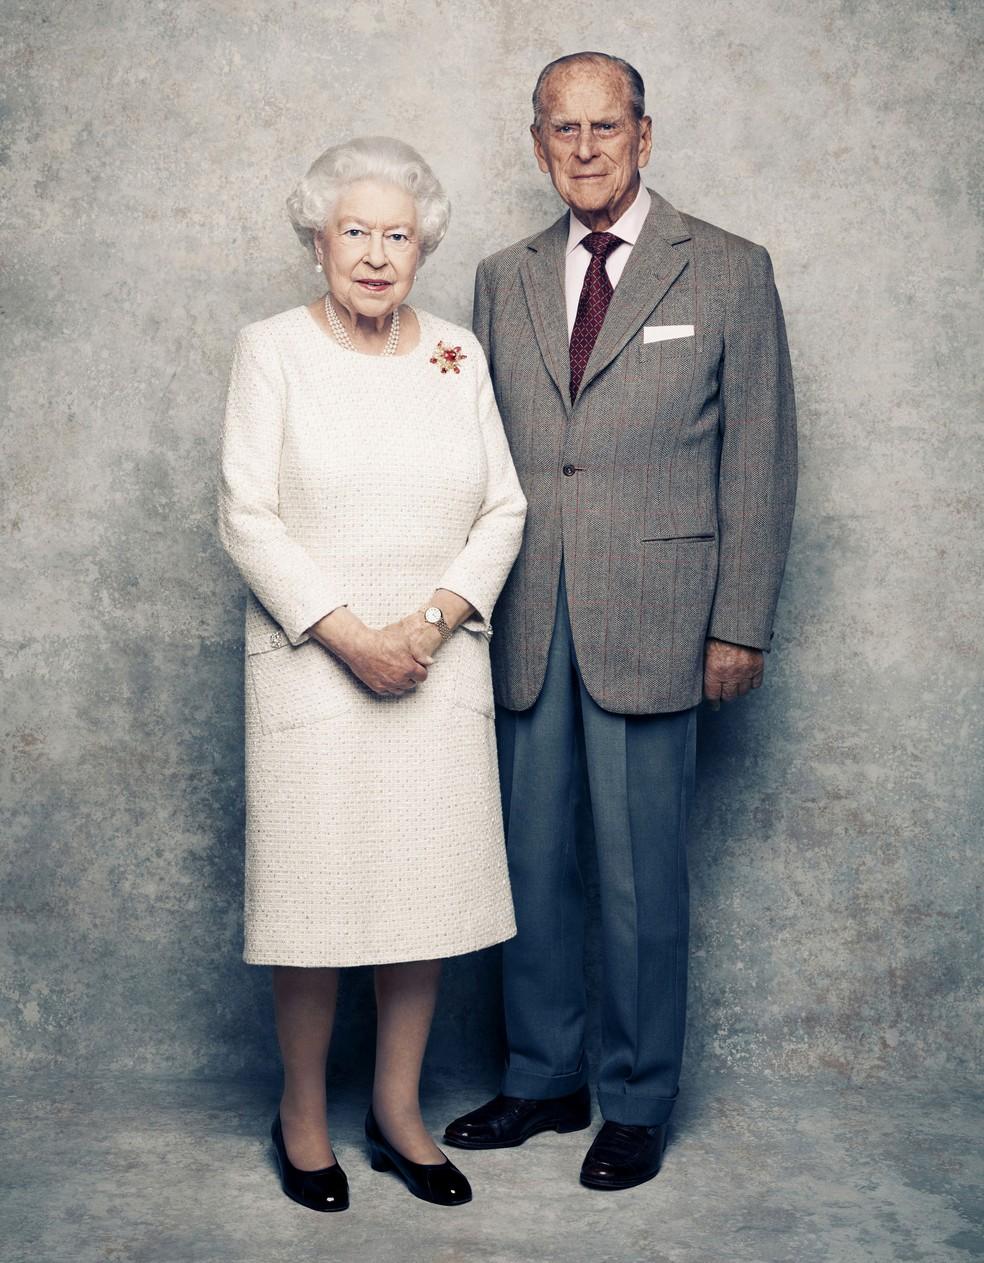 Rainha Elizabeth ao lado do marido em foto do início do mês (Foto: Matt Holyoak/Camera Press via AP)